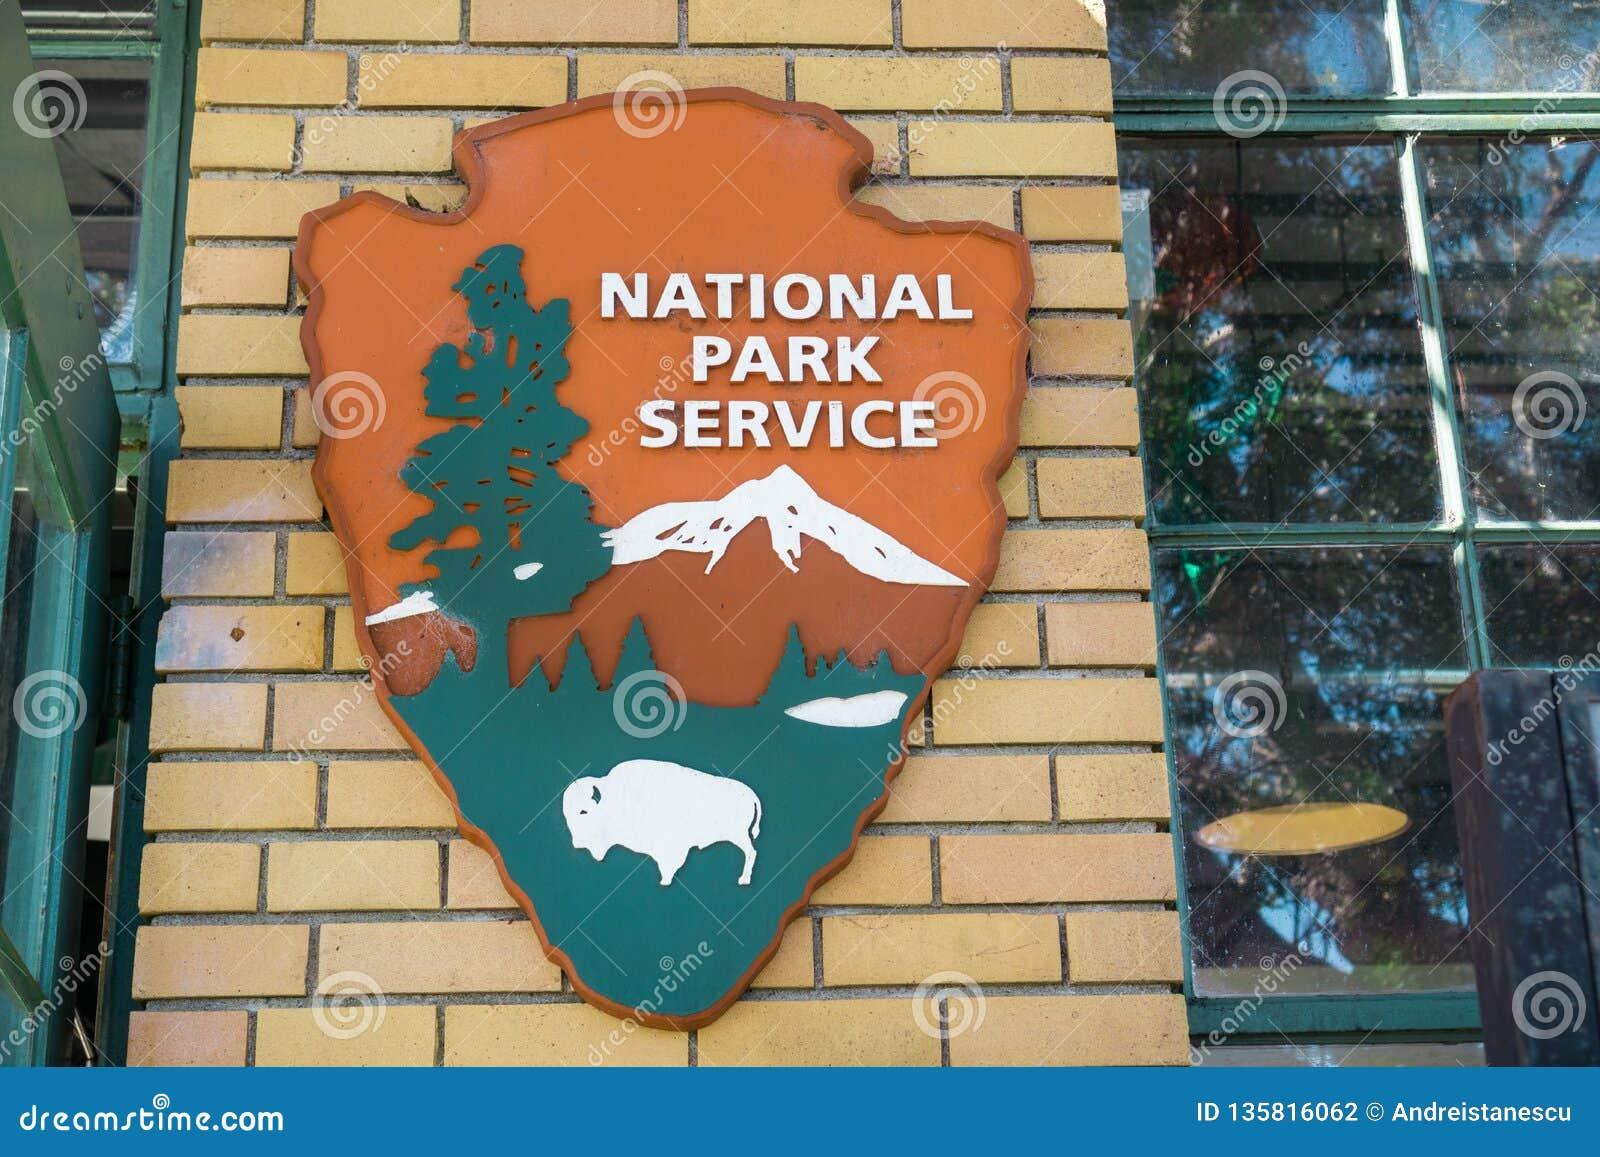 26 Αυγούστου 2017 Richmond/CA/USA - έμβλημα υπηρεσιών Ηνωμένων εθνικό πάρκων (NPS) NPS είναι αντιπροσωπεία των Ηνωμένων Πολιτειών